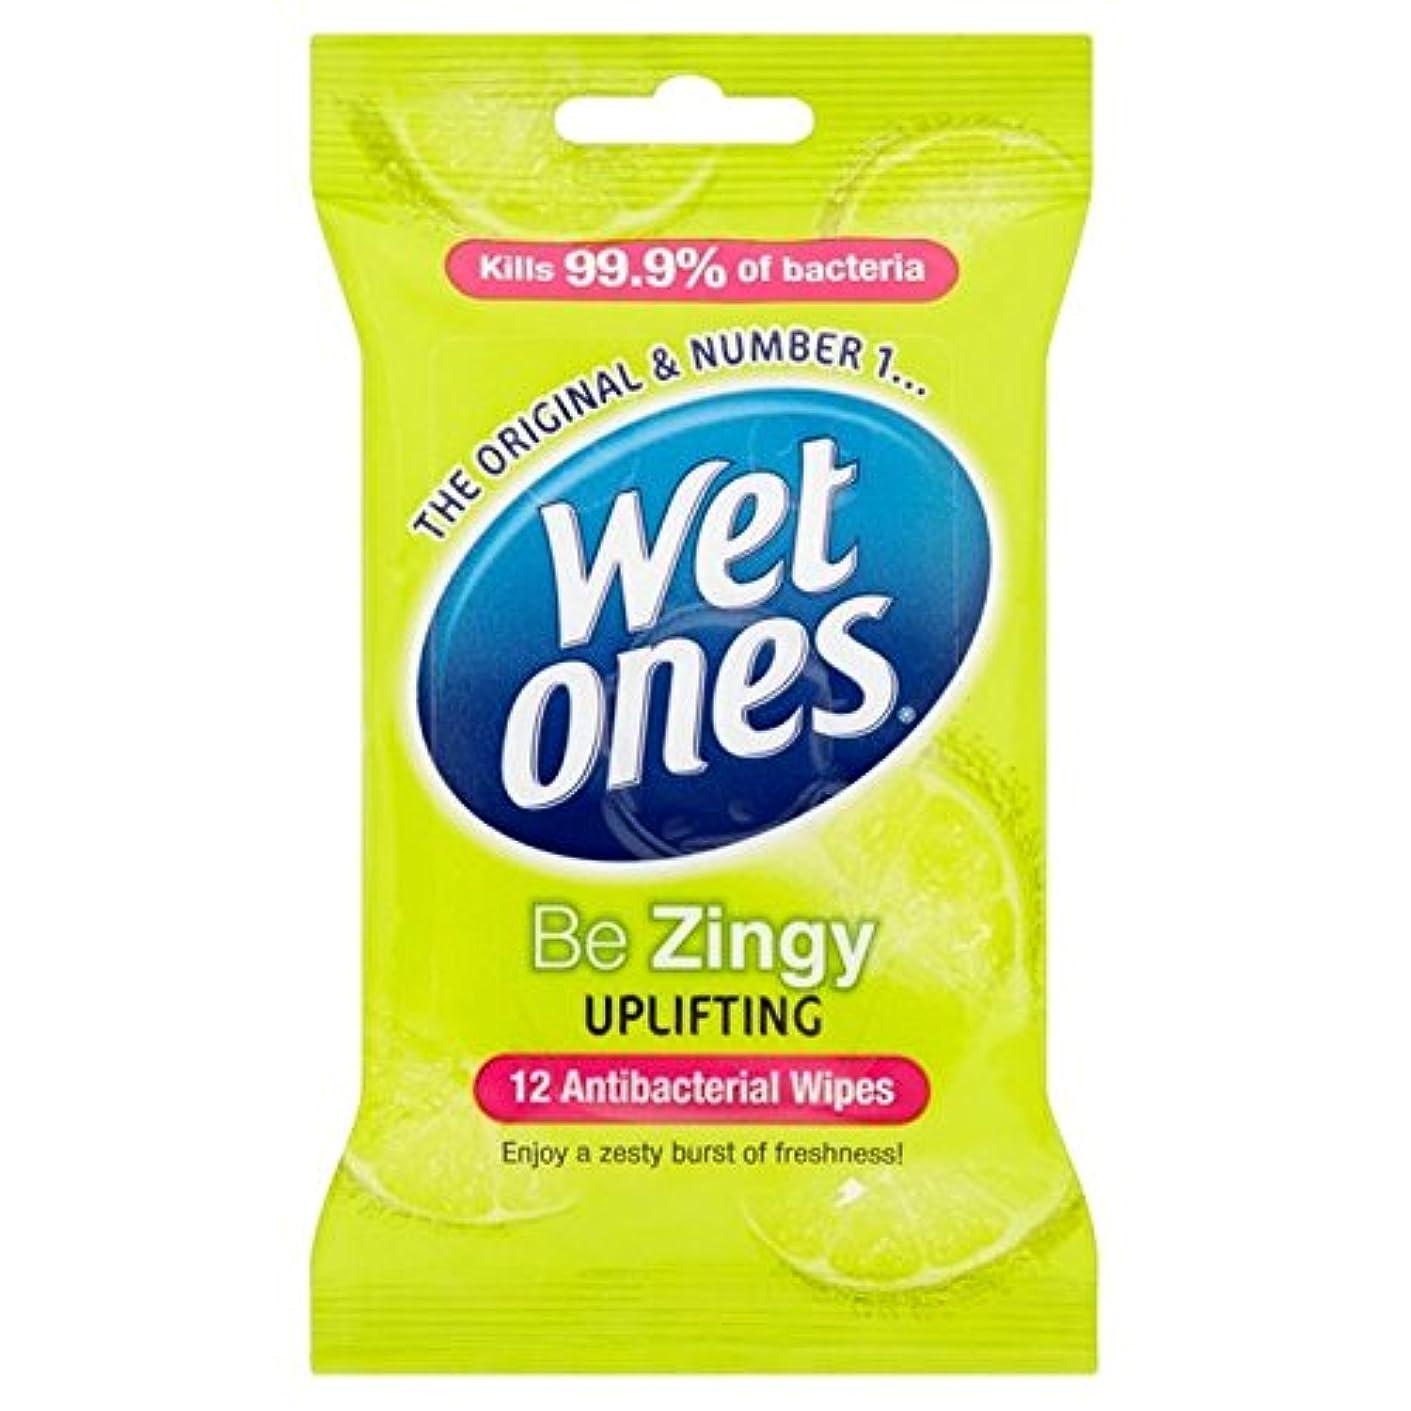 スーツスーツ子豚抗バクテリアをクレンジング湿ったものはパックごとに12ワイプ x2 - Wet Ones Cleansing Anti Bacterial Wipes 12 per pack (Pack of 2) [並行輸入品]